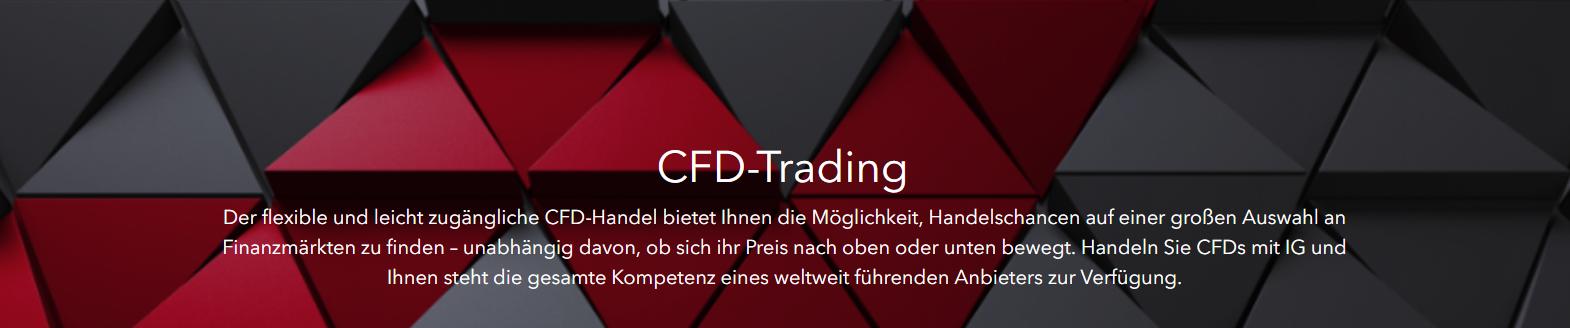 IG bietet flexiblen und leicht zugänglichen CFD- Handel an